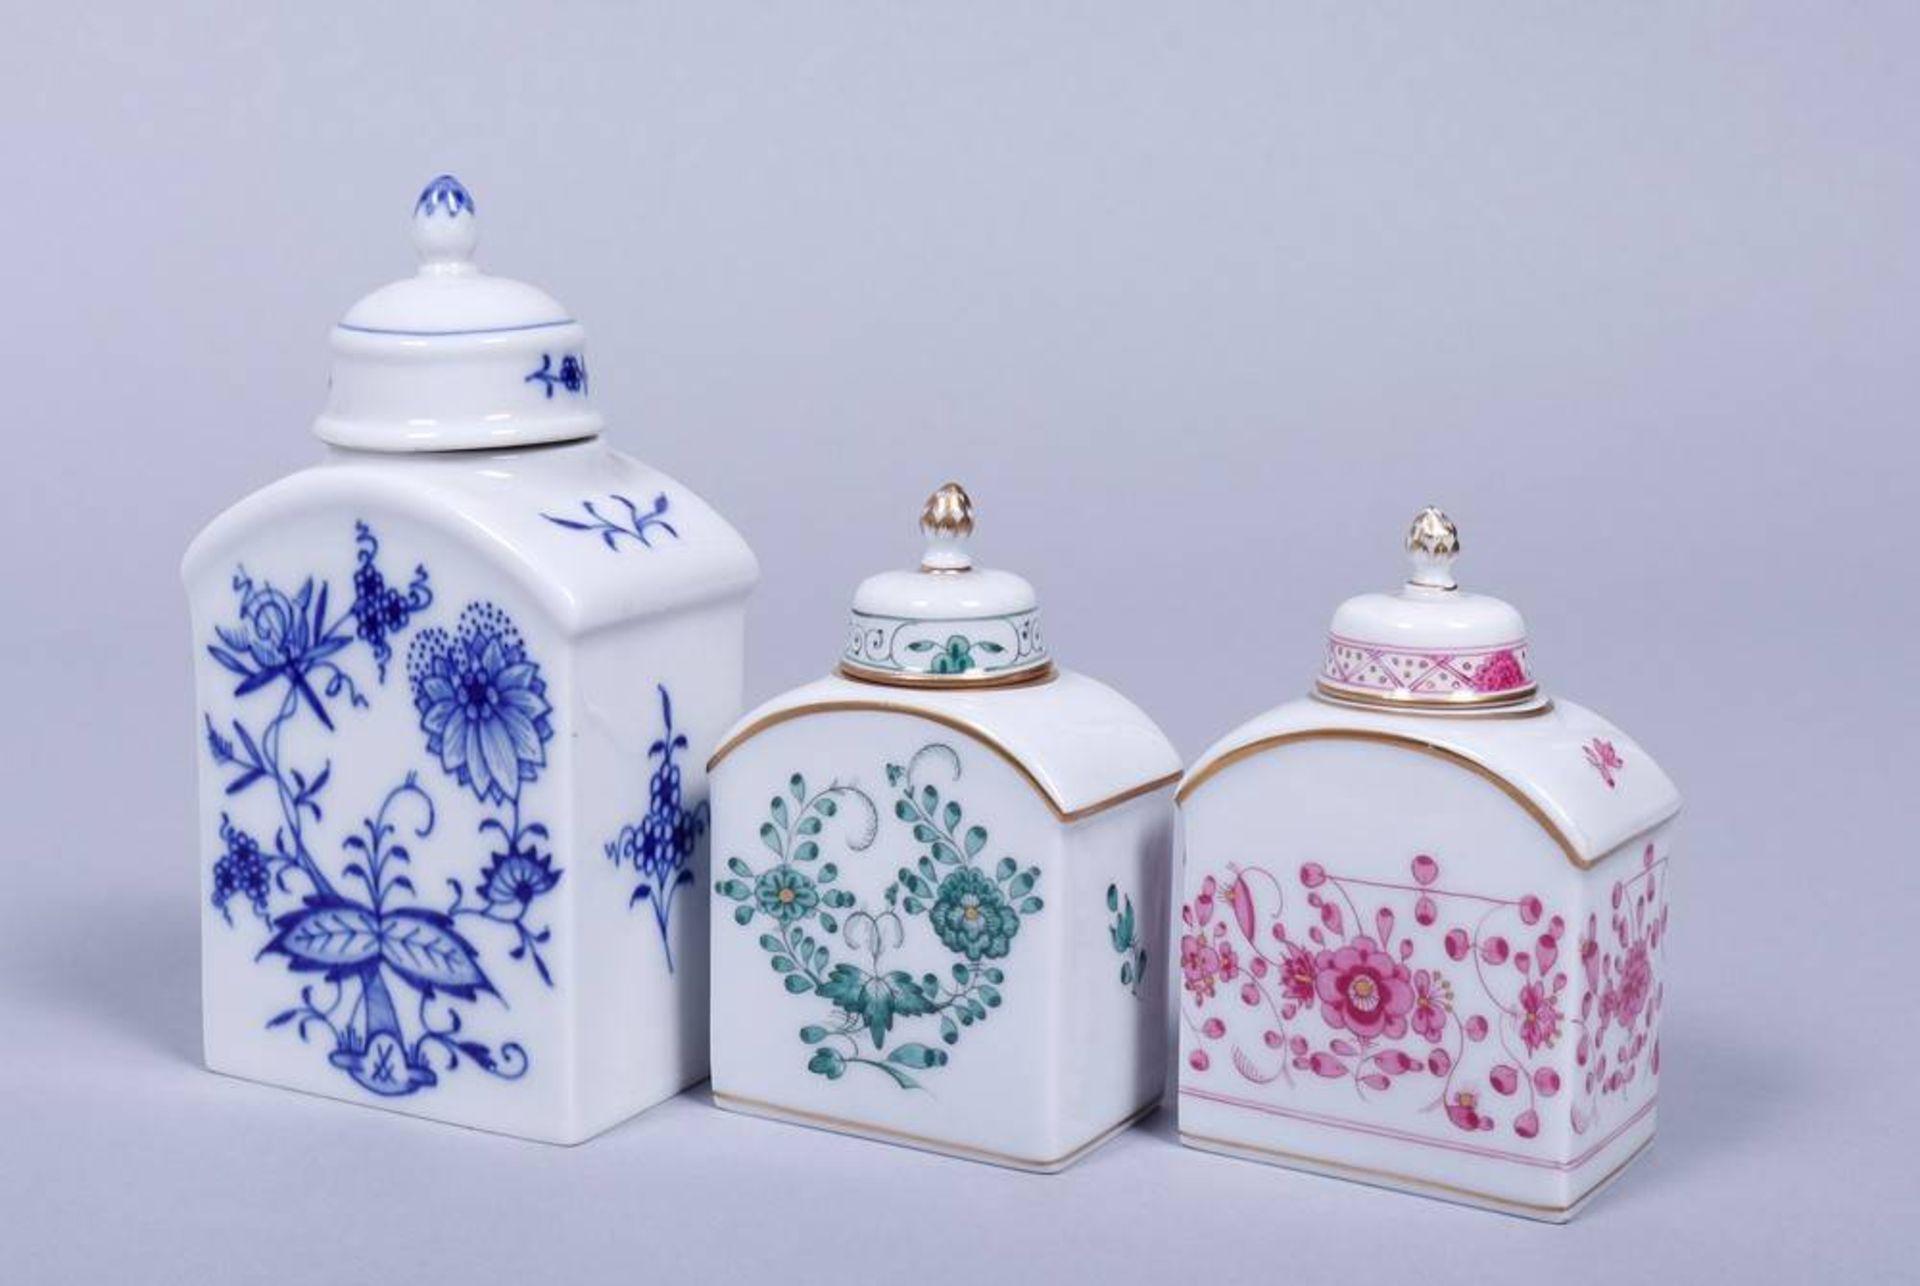 Konvolut Teedosen, u.a. Meissen und Royal Kopenhagen, 19./20.Jh. rechteckige Korpi mit gerundeten - Bild 4 aus 5